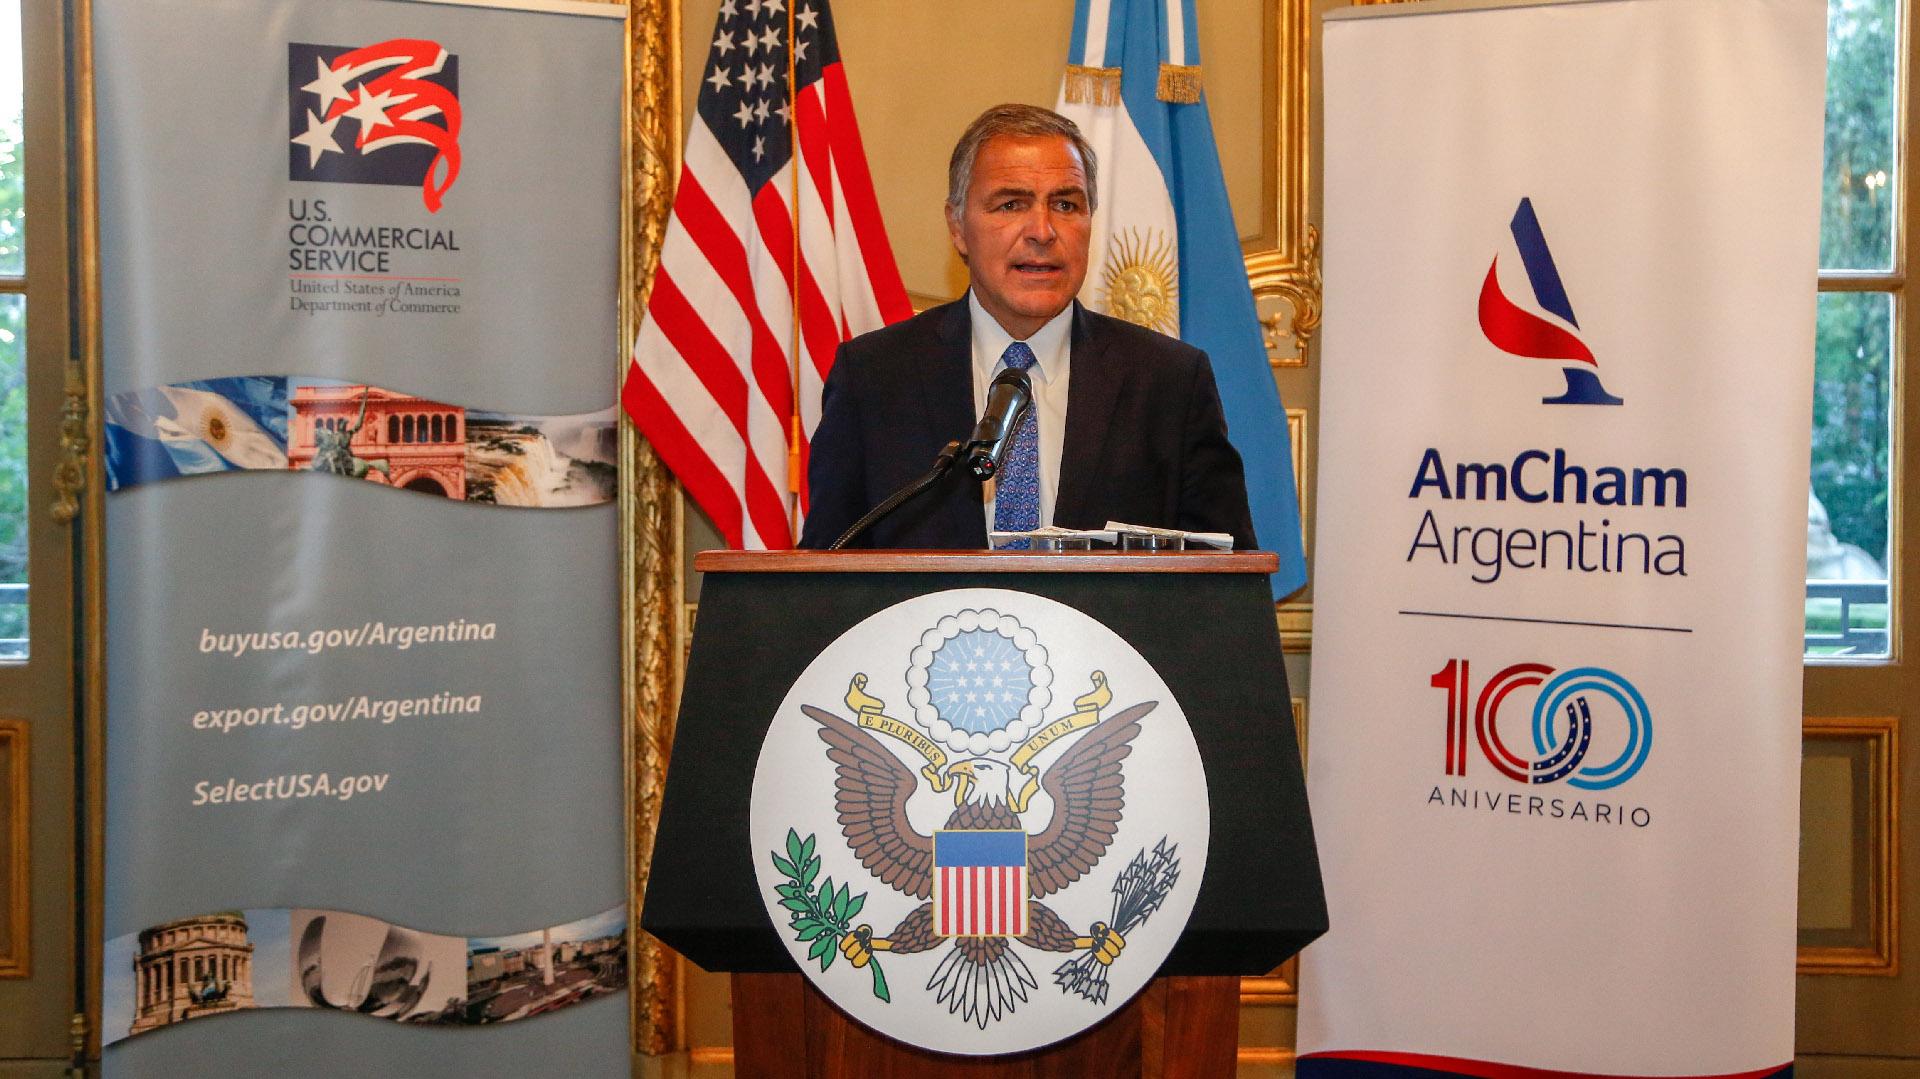 El presidente saliente de AmCham Argentina, Manuel Aguirre (director de Desarrollo de Negocios para América Latina de Jacobs)